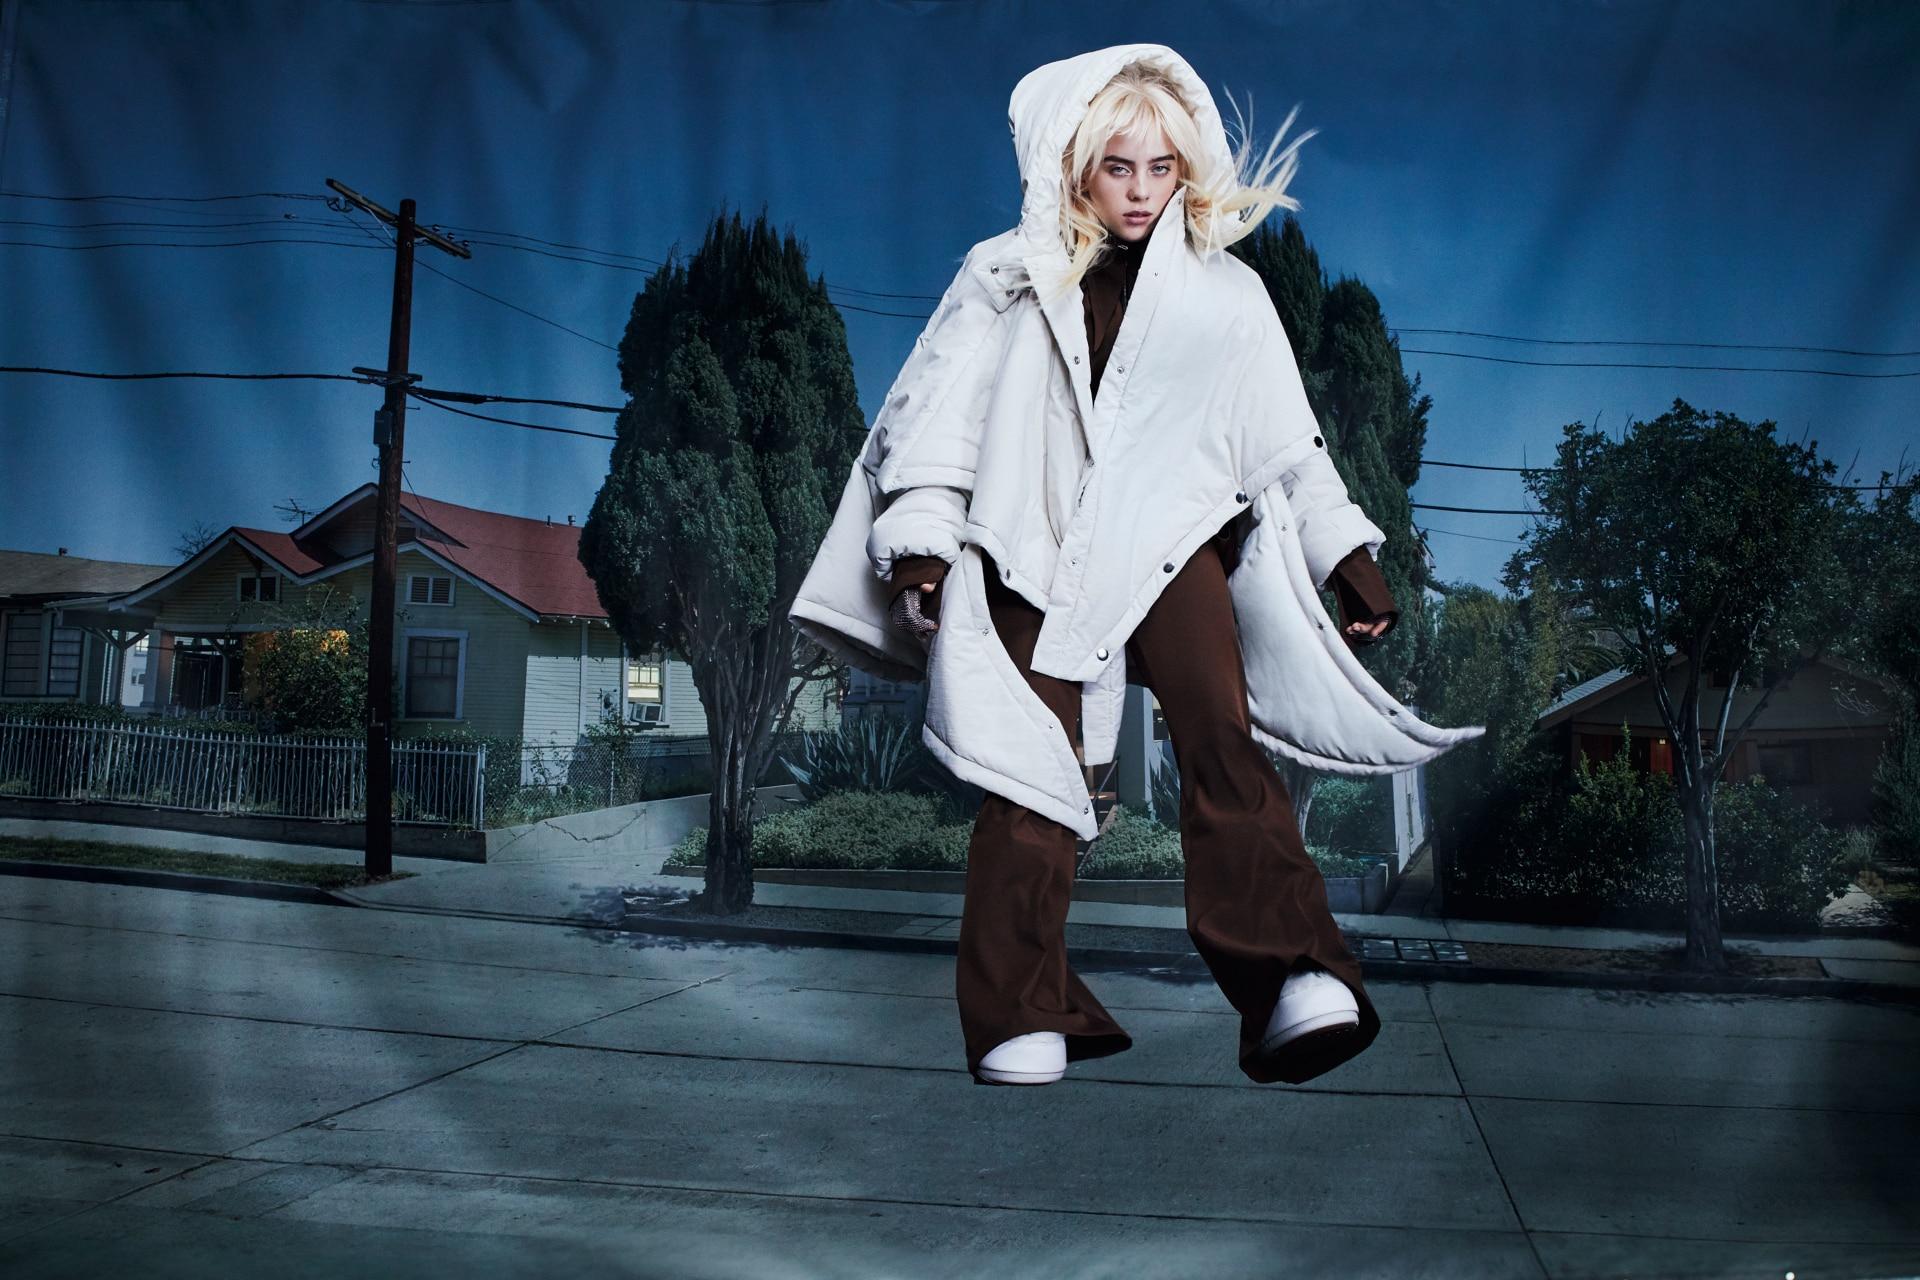 Billie usa um casaco Nina Ricci, camisa e calça 16 Arlington, luvas Urstadt Swan, brincos Cartier e sapatos Moon Boots, $ 400.